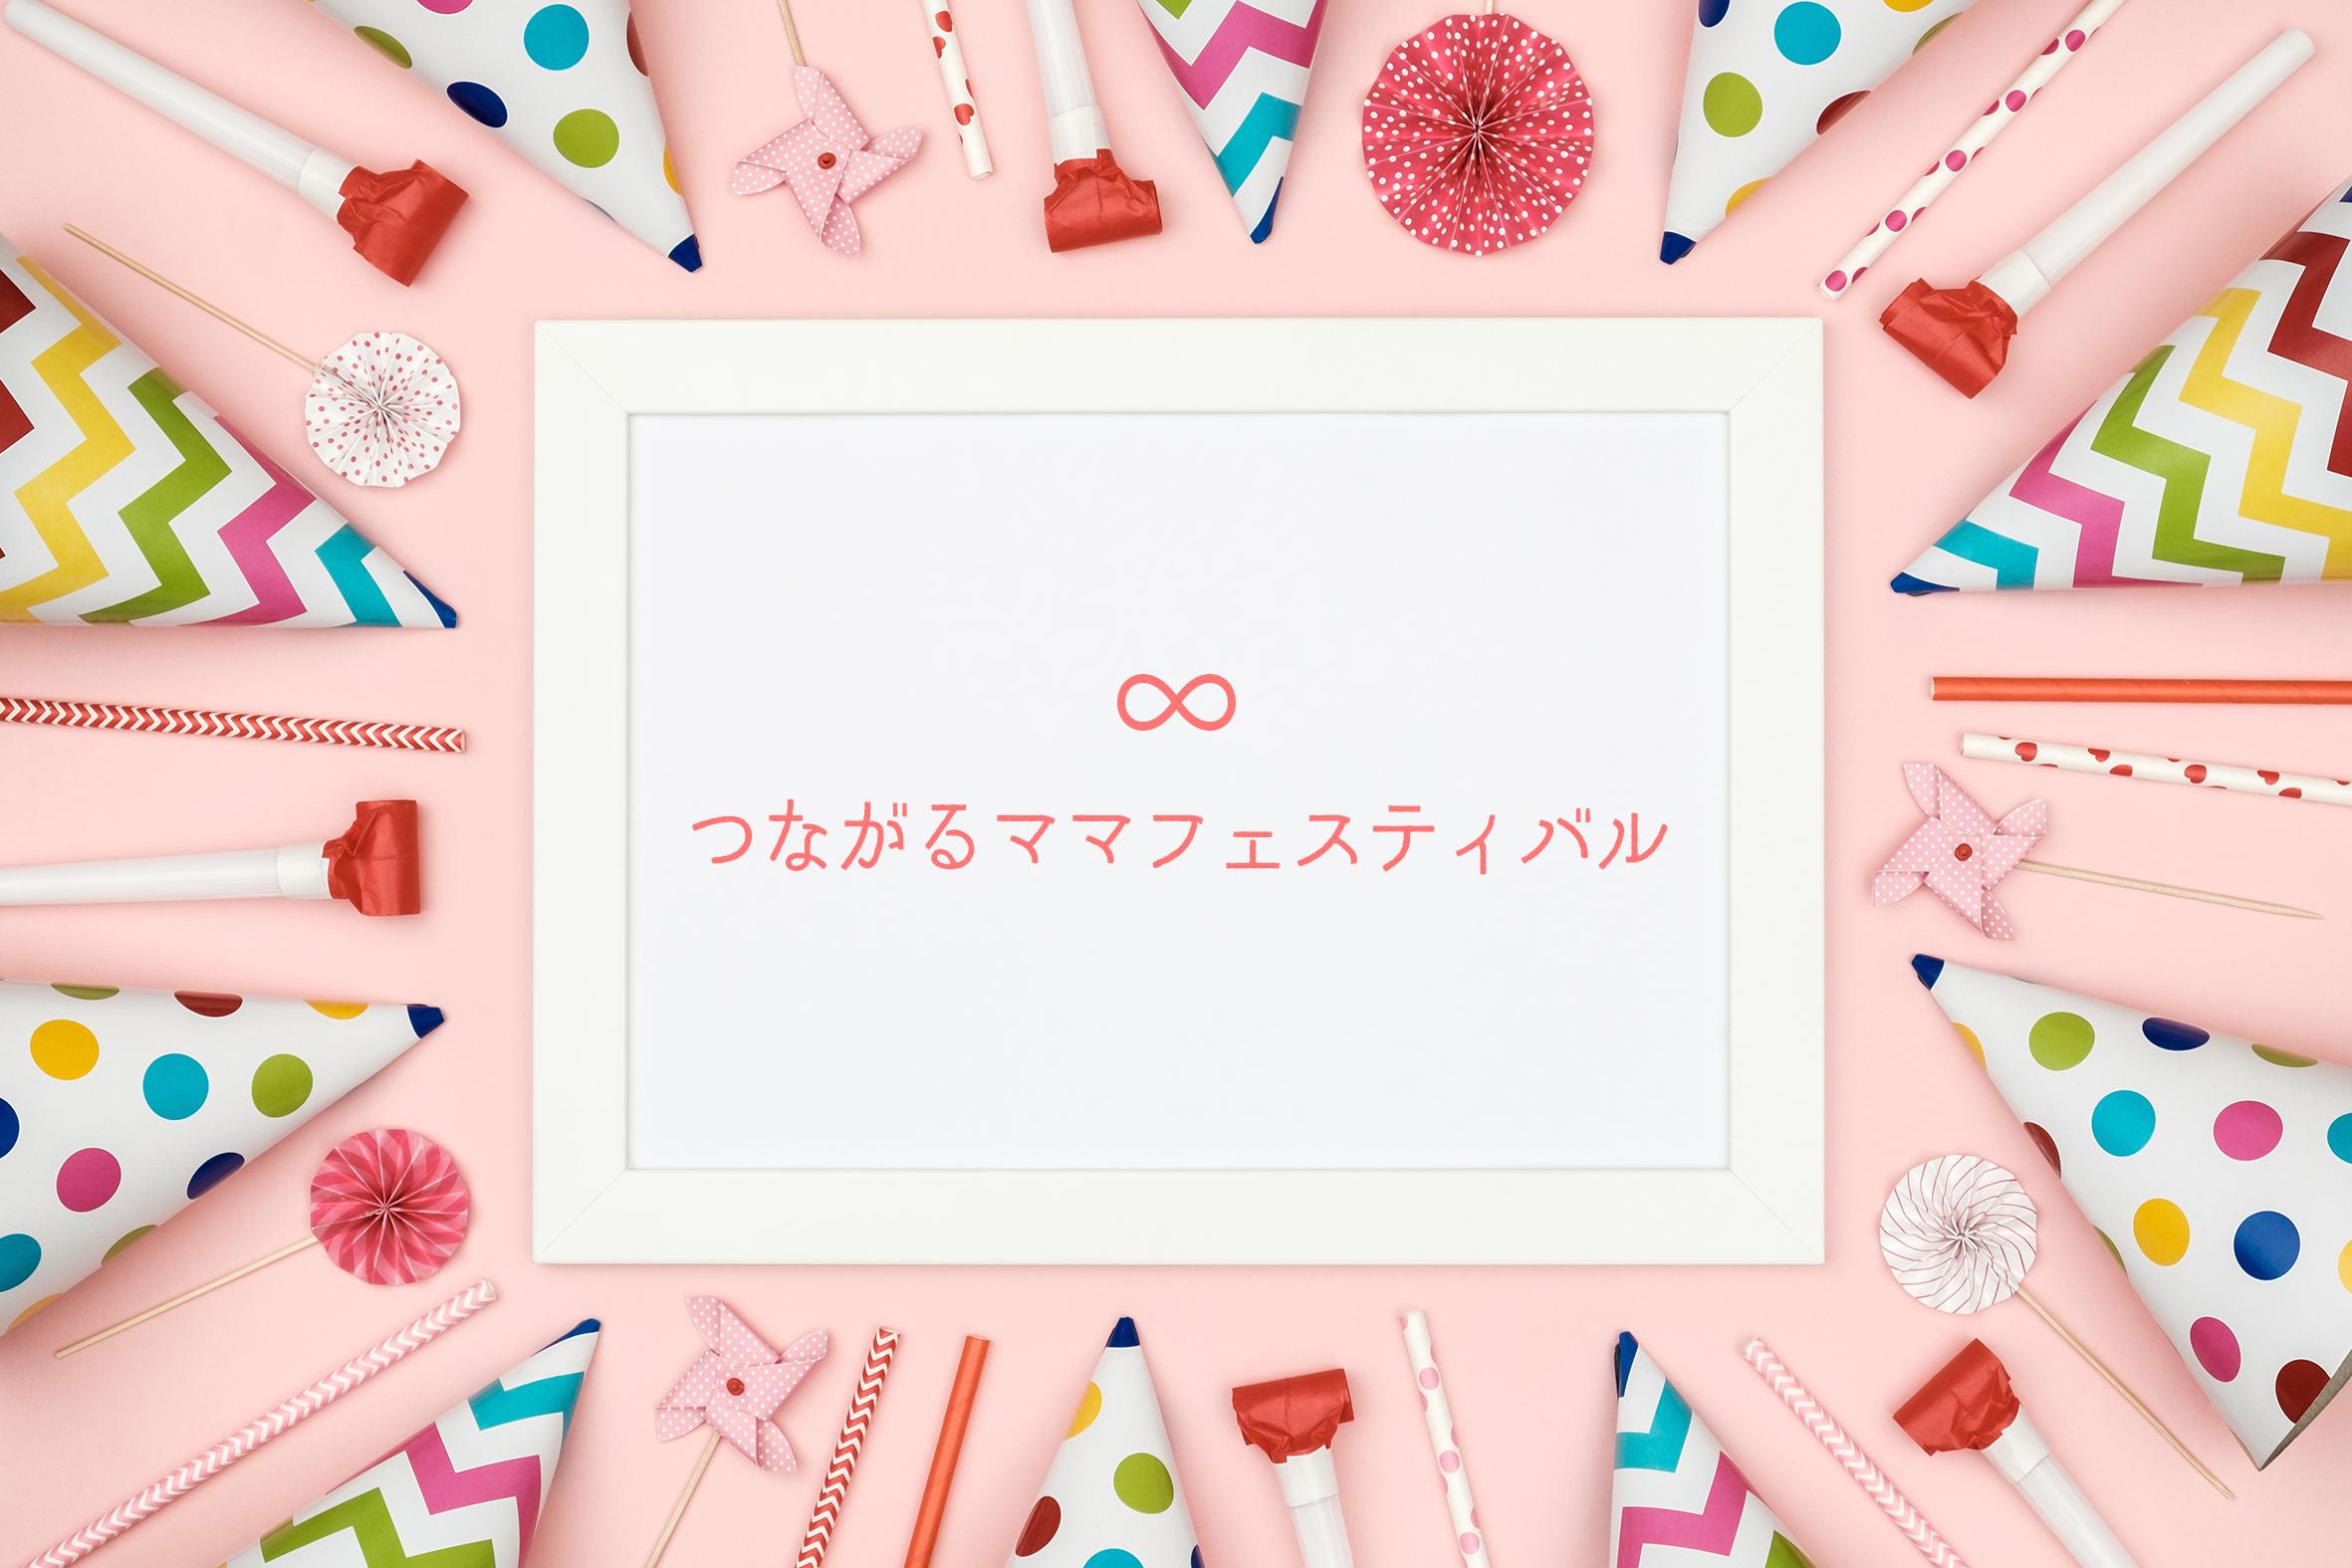 つながるママフェスティバル@ららぽーと横浜